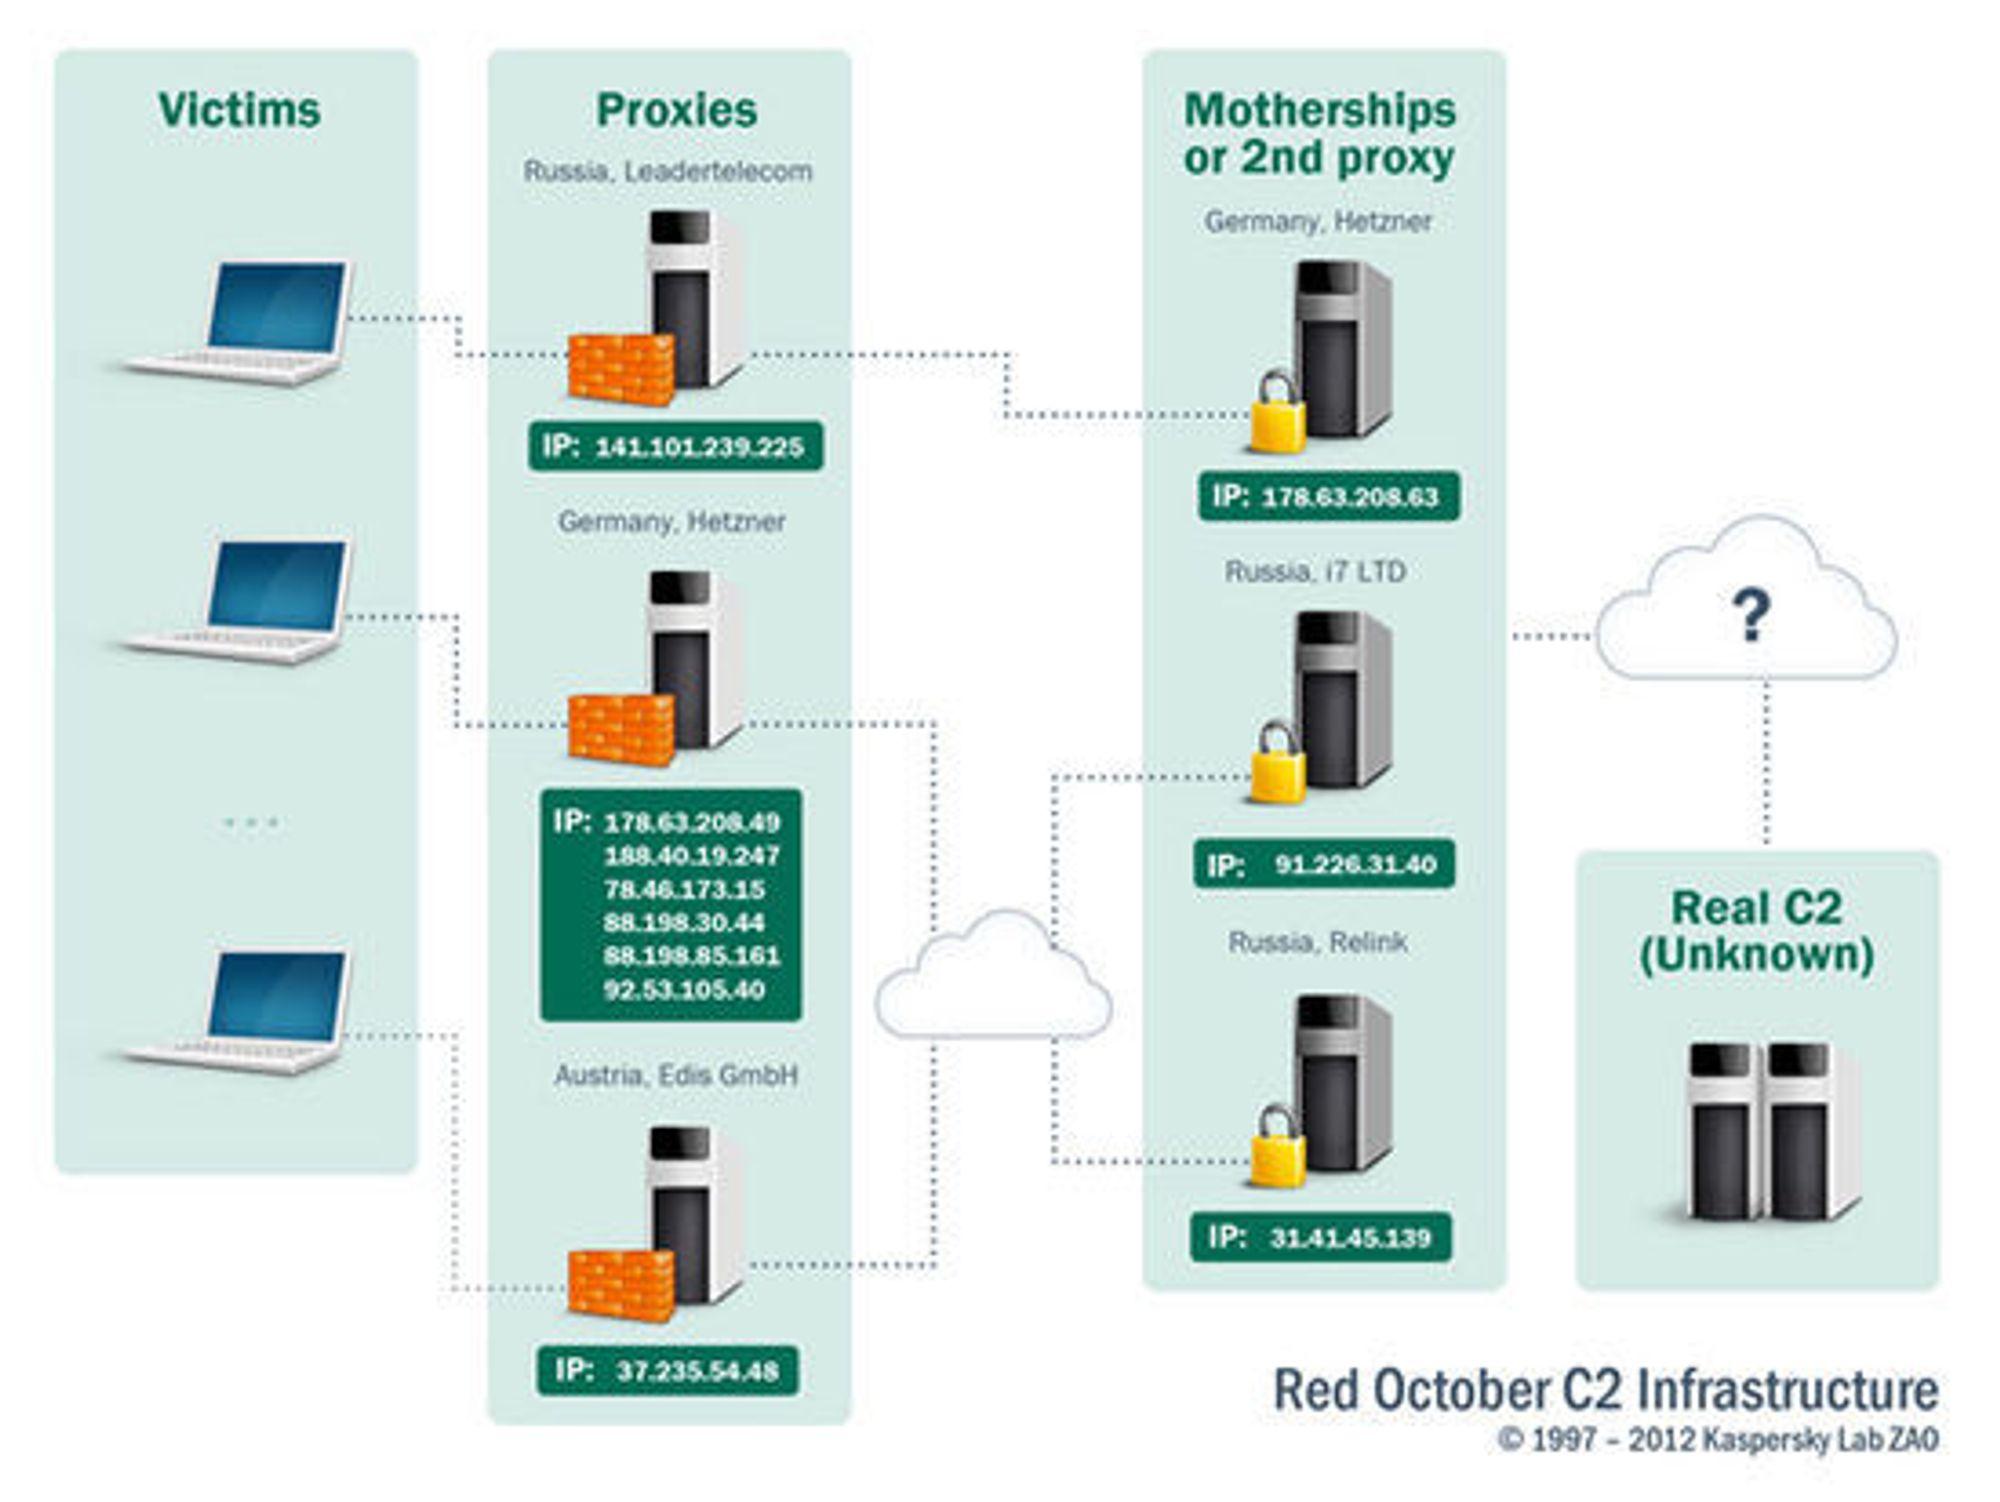 Slik tror Kaspersky Lab at infrastrukturen til  Red October er bygget opp. Men sikre er man foreløpig ikke.